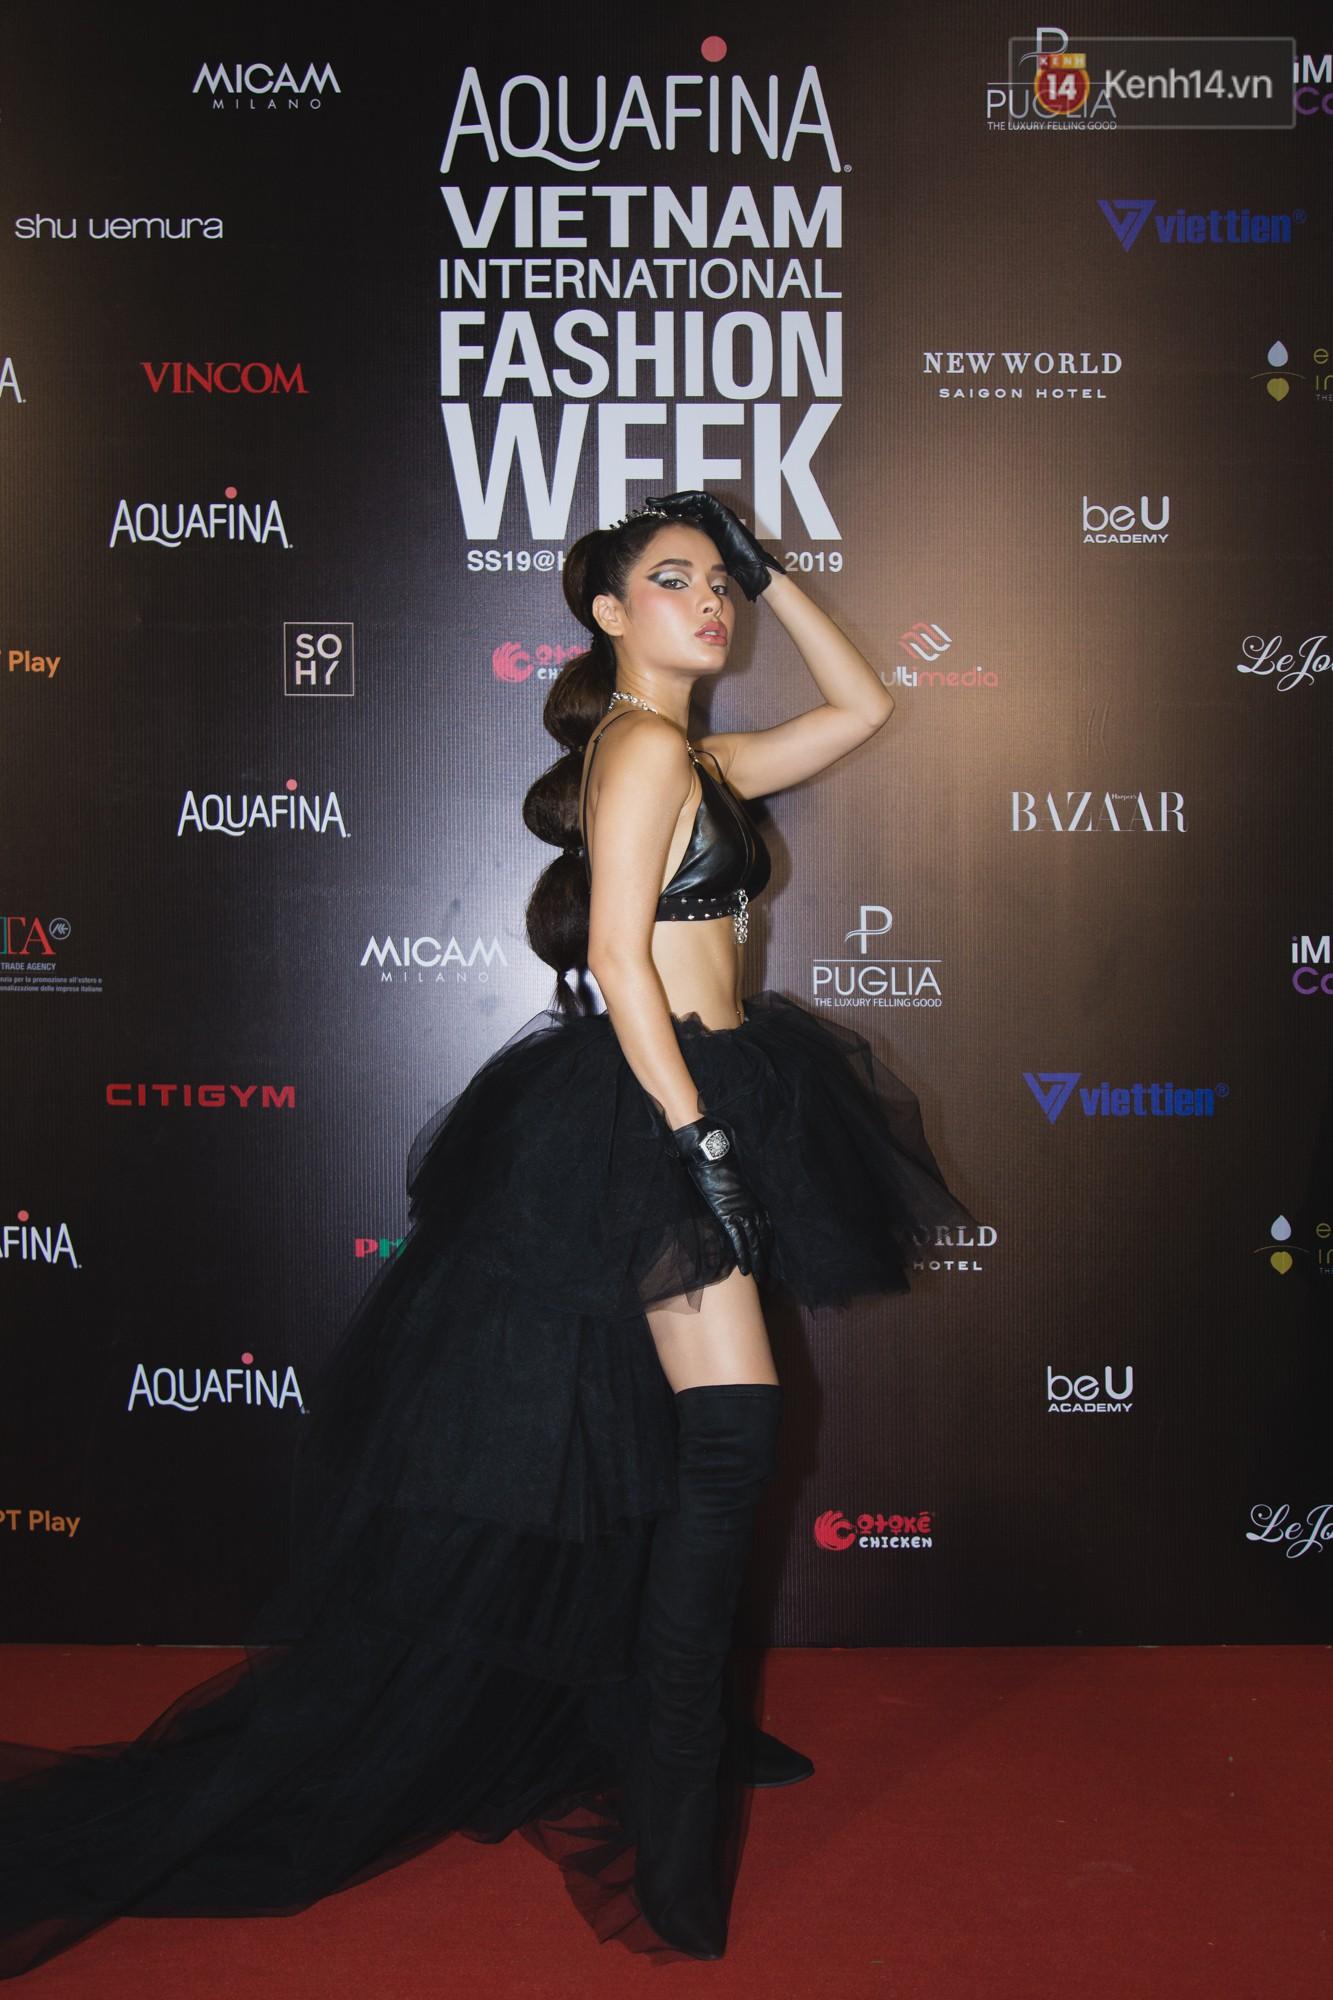 Linh Chi - Lâm Vinh Hải trông như cô dâu chú rể, Cindy Thái Tài lại hở bạo hết sức trên thảm đỏ Tuần lễ thời trang - Ảnh 5.